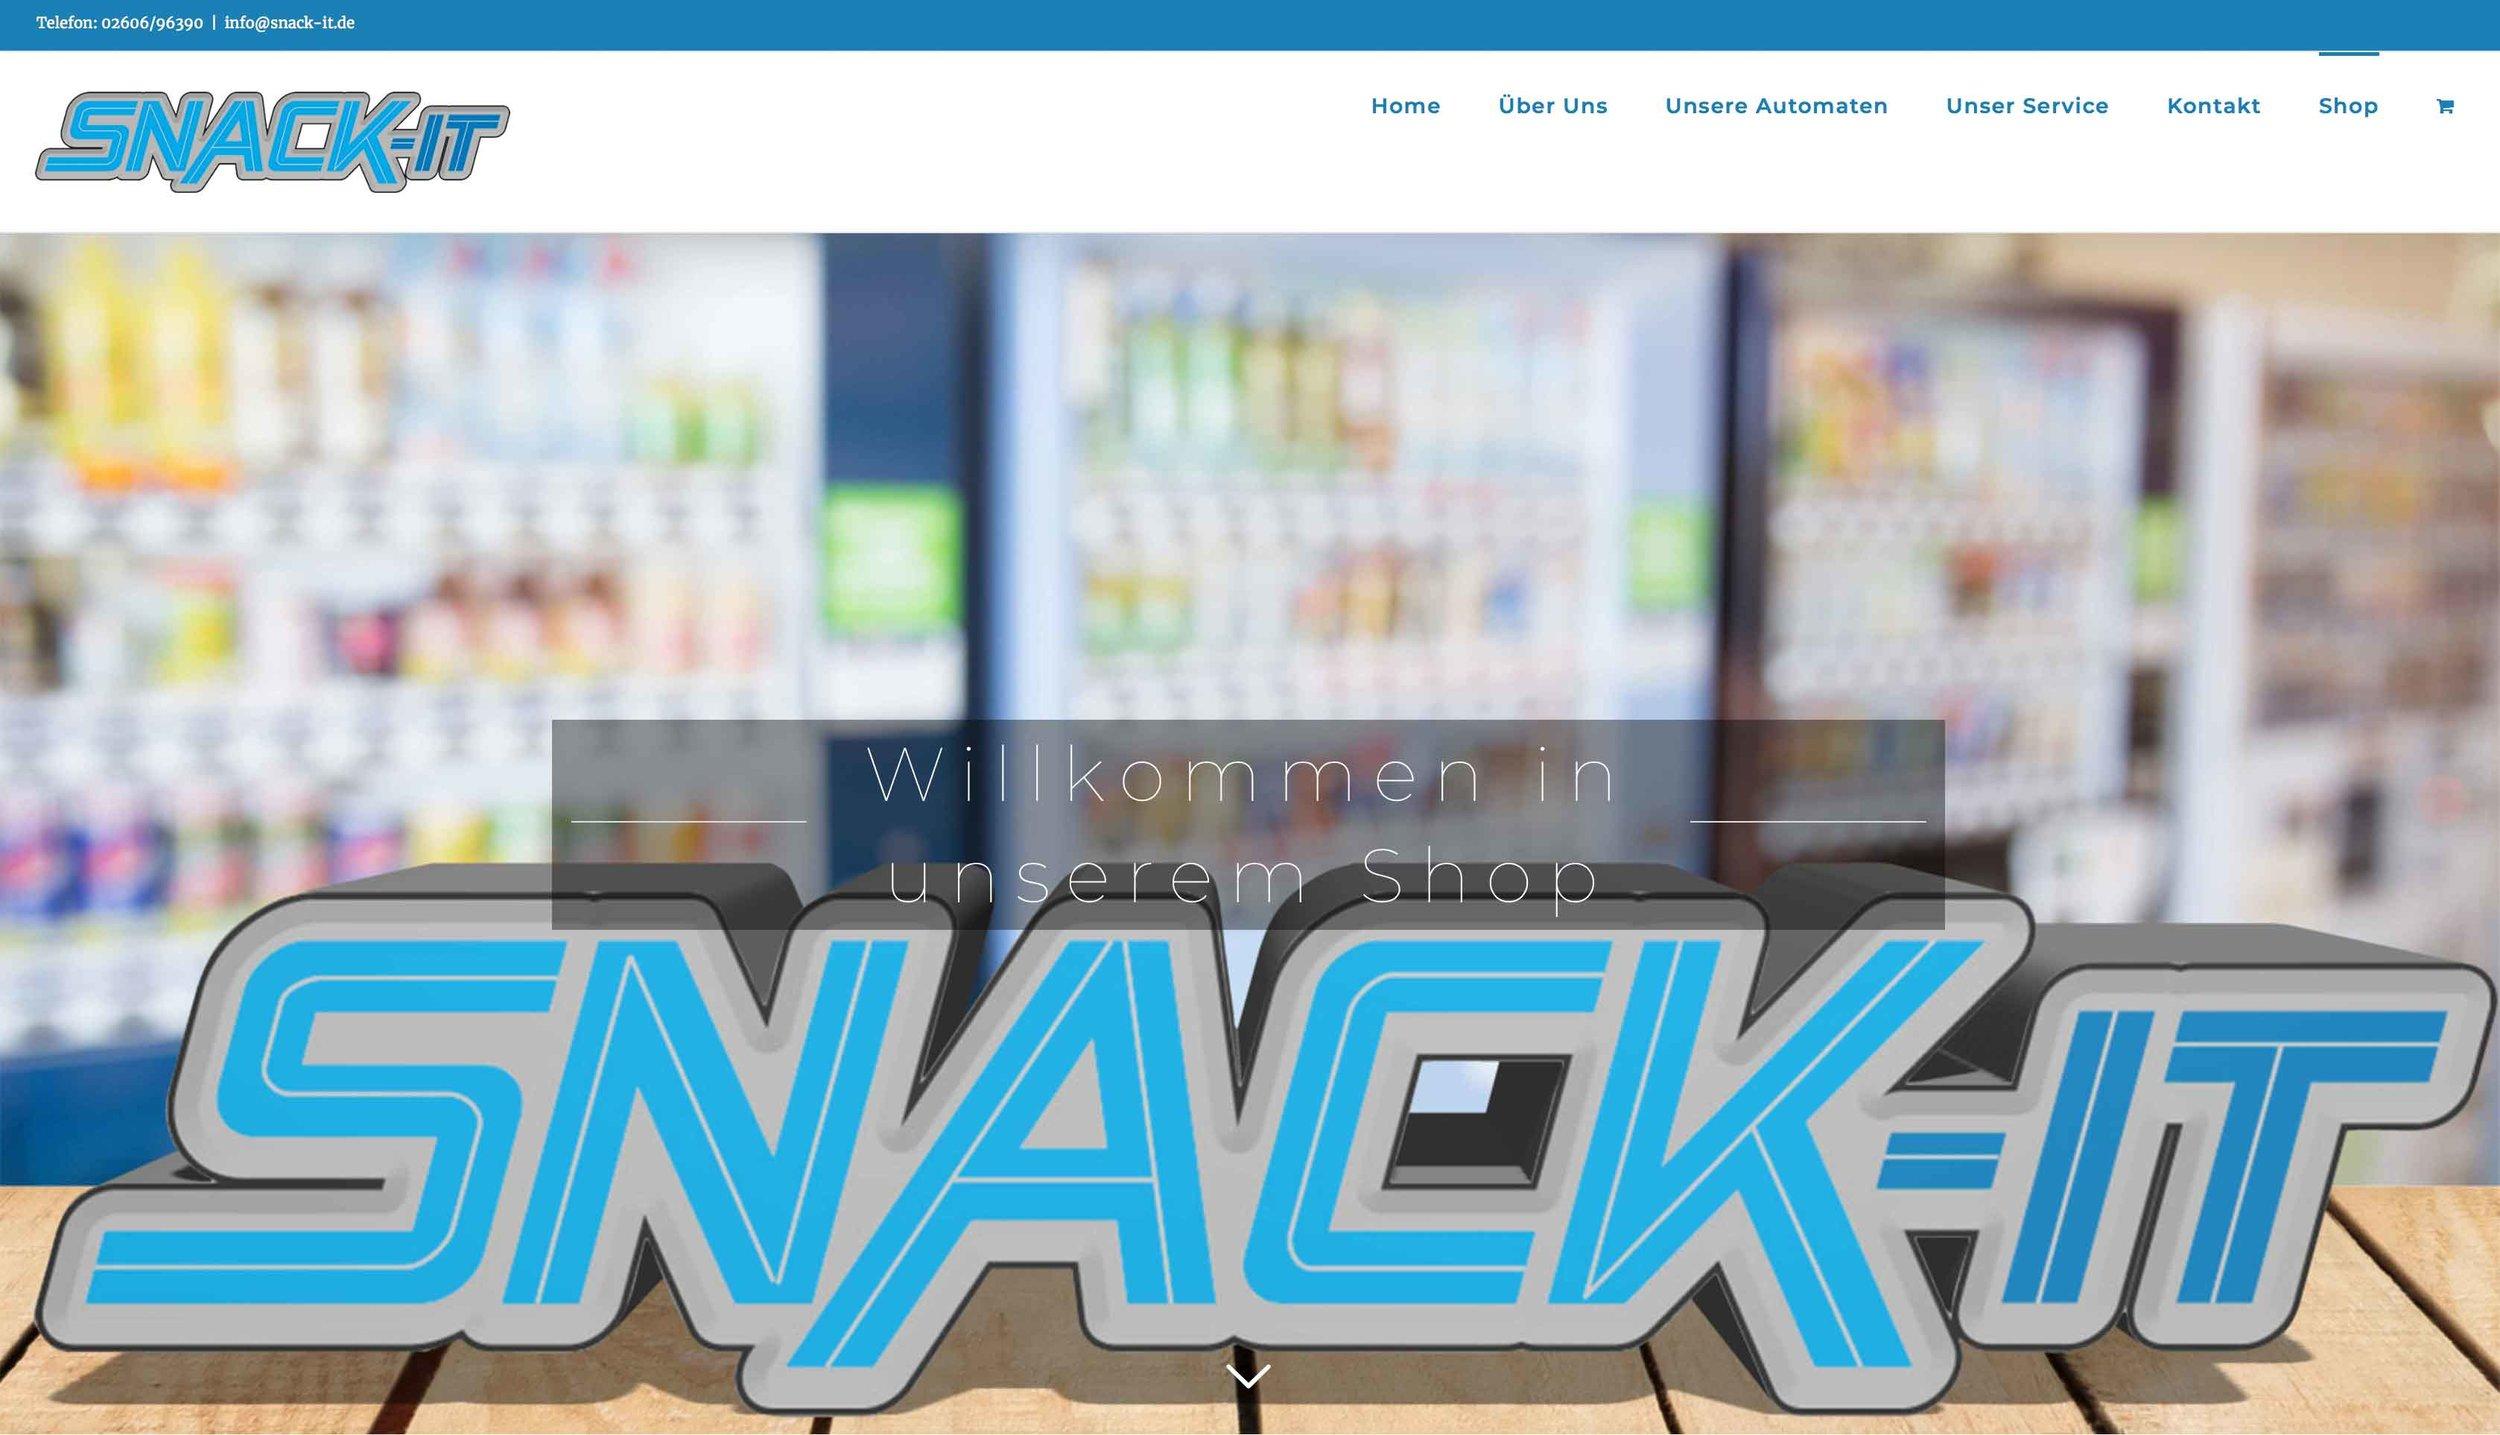 snack-it.jpg